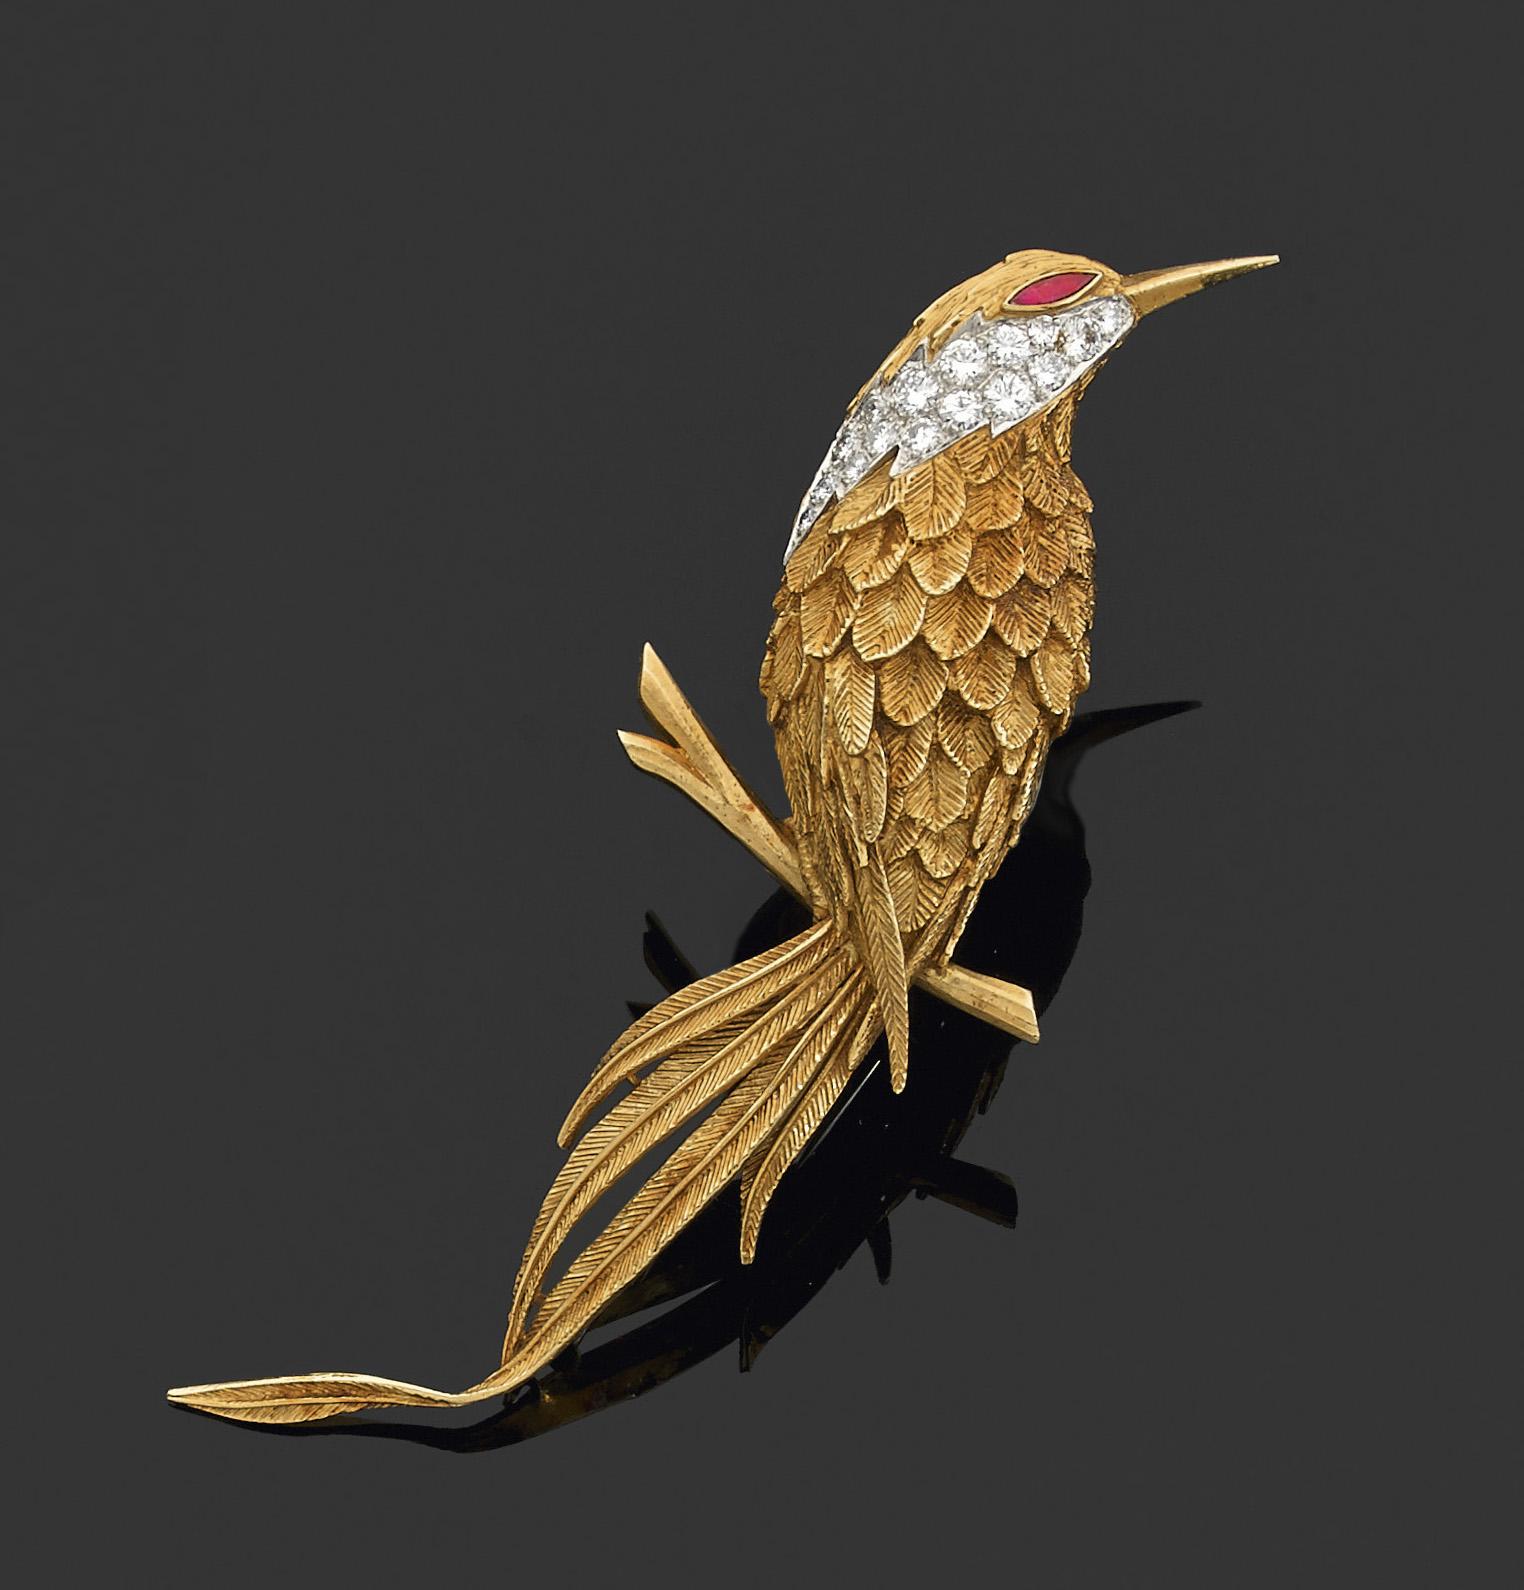 Van Cleef &Arpels, broche en or jaune stylisant un oiseau branché, le plumage partiellement rehaussé de diamants, l'œil serti d'un rubis, poids brut